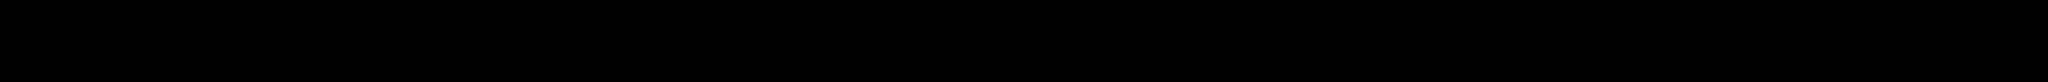 DENSO 4796779, 56006240, SPRC12PEC5, 16 062 637 80, 5960 C2 Vela de ignição